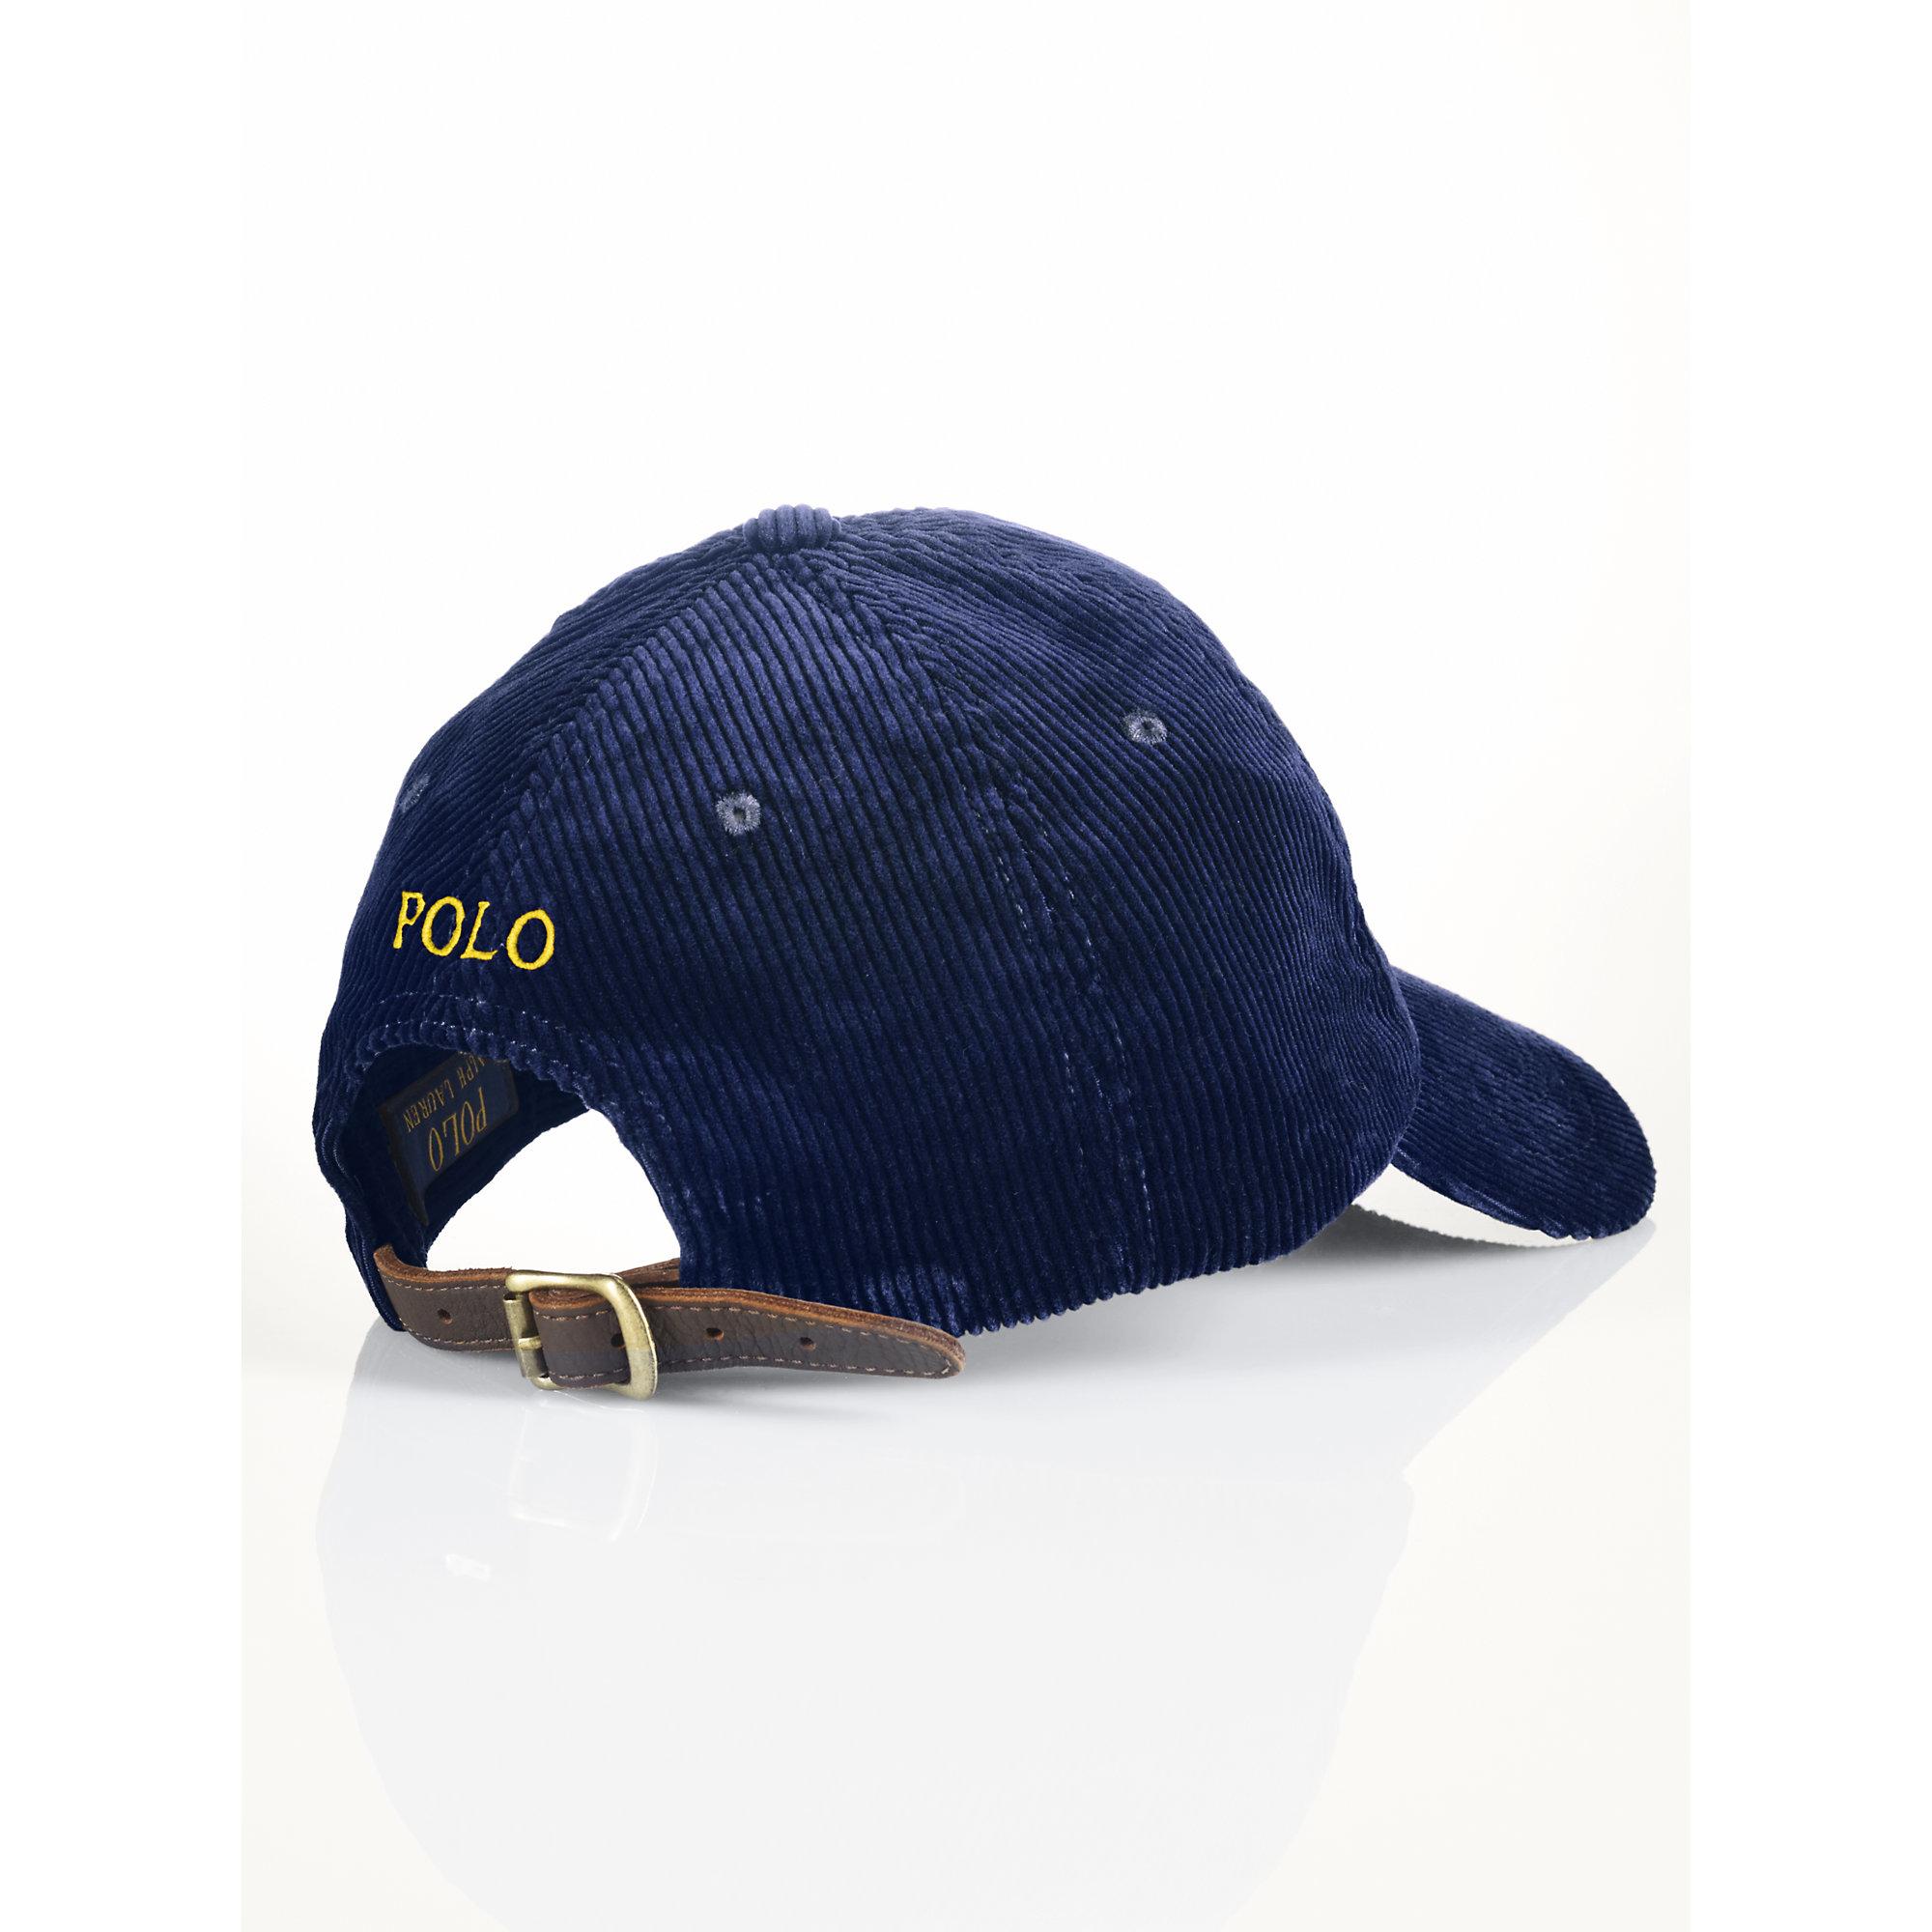 polo design cap. polo embroidered hat polo design hat Snapback Hat Polo hat polo cap